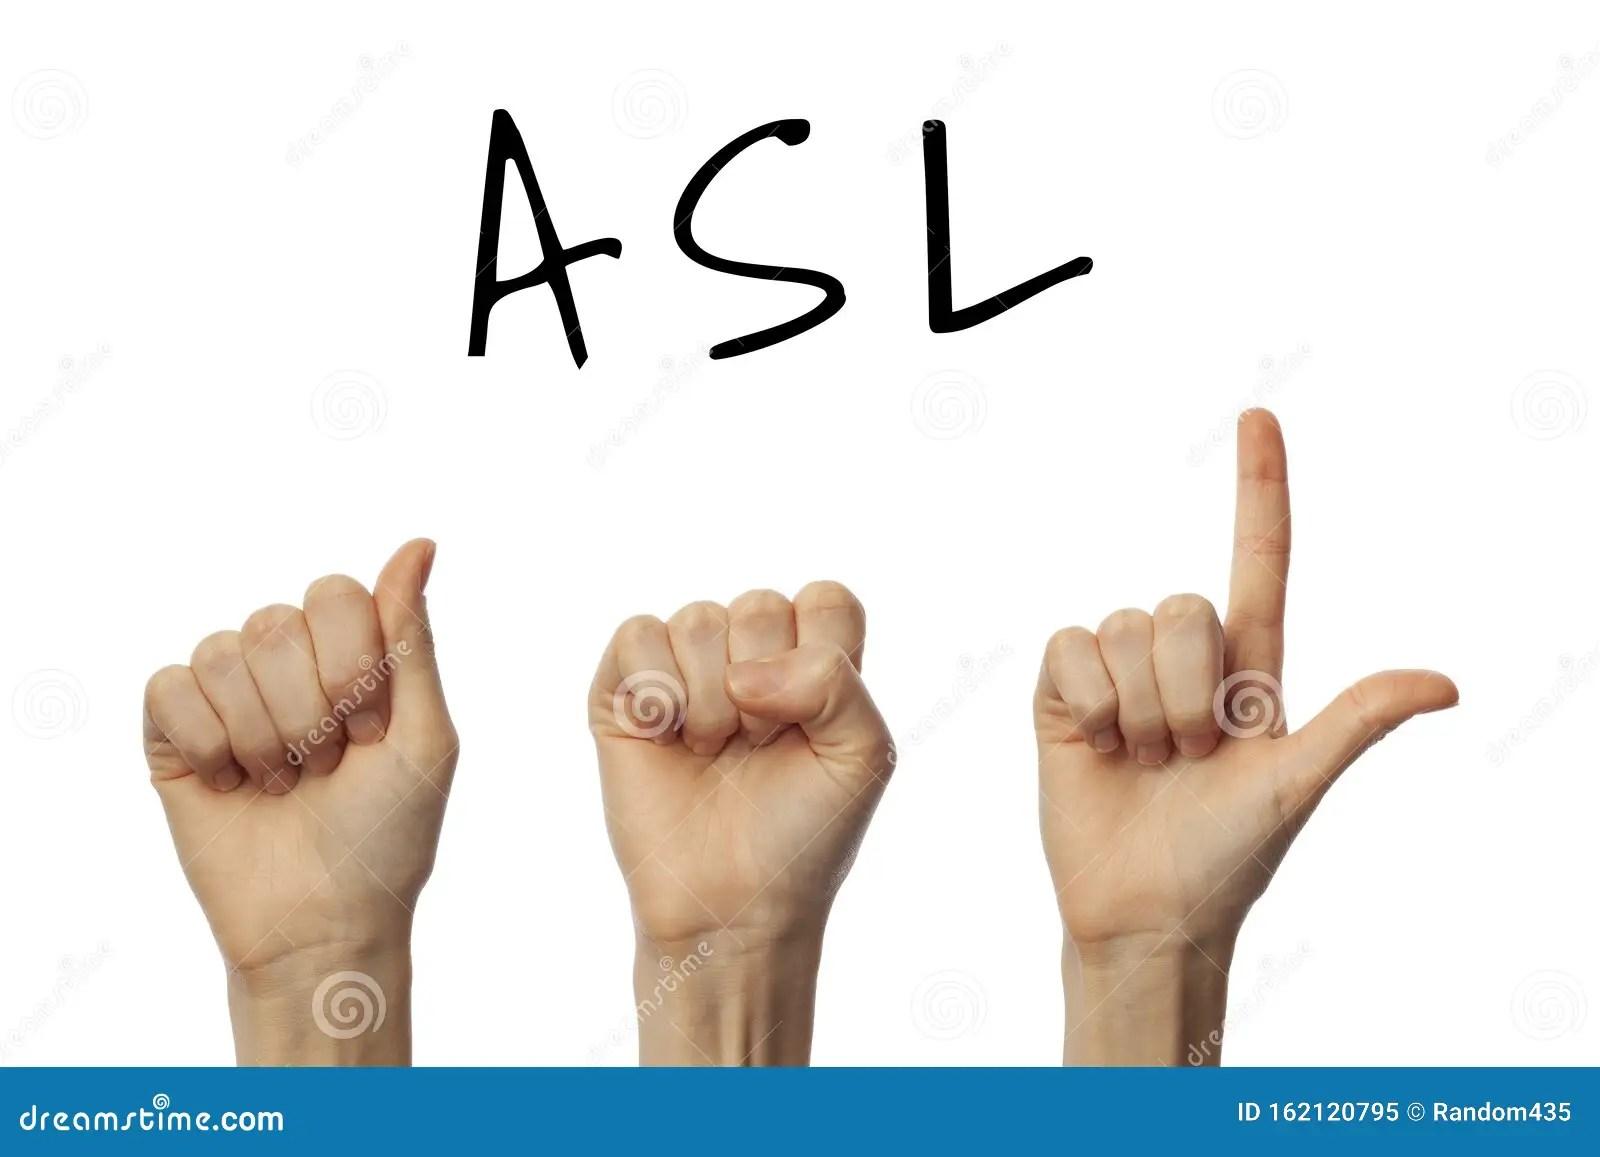 Finger Spelling Abbreviation Asl On White Background